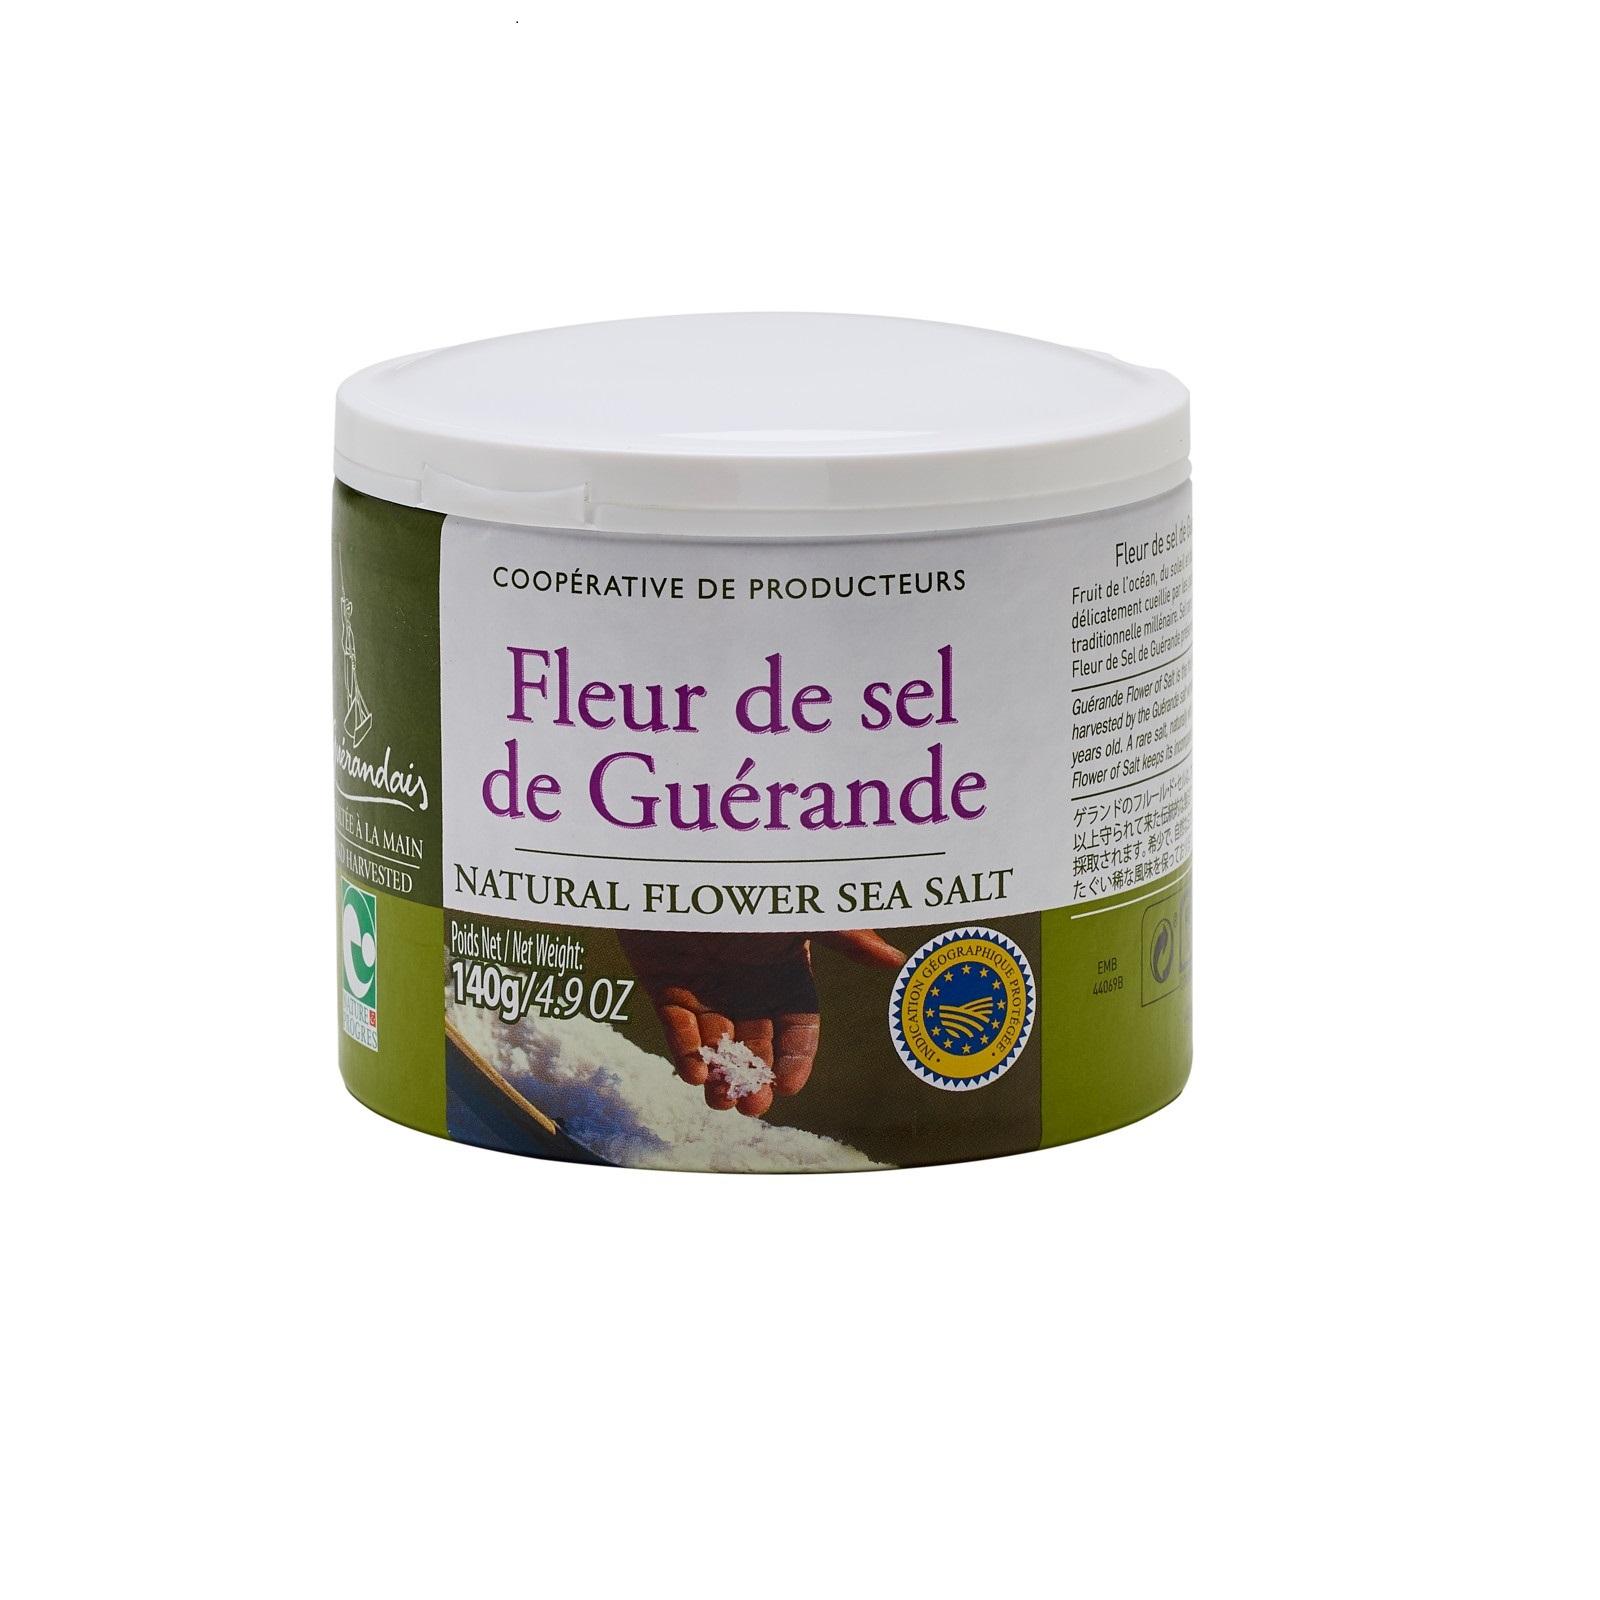 法國Guerande鹽之花